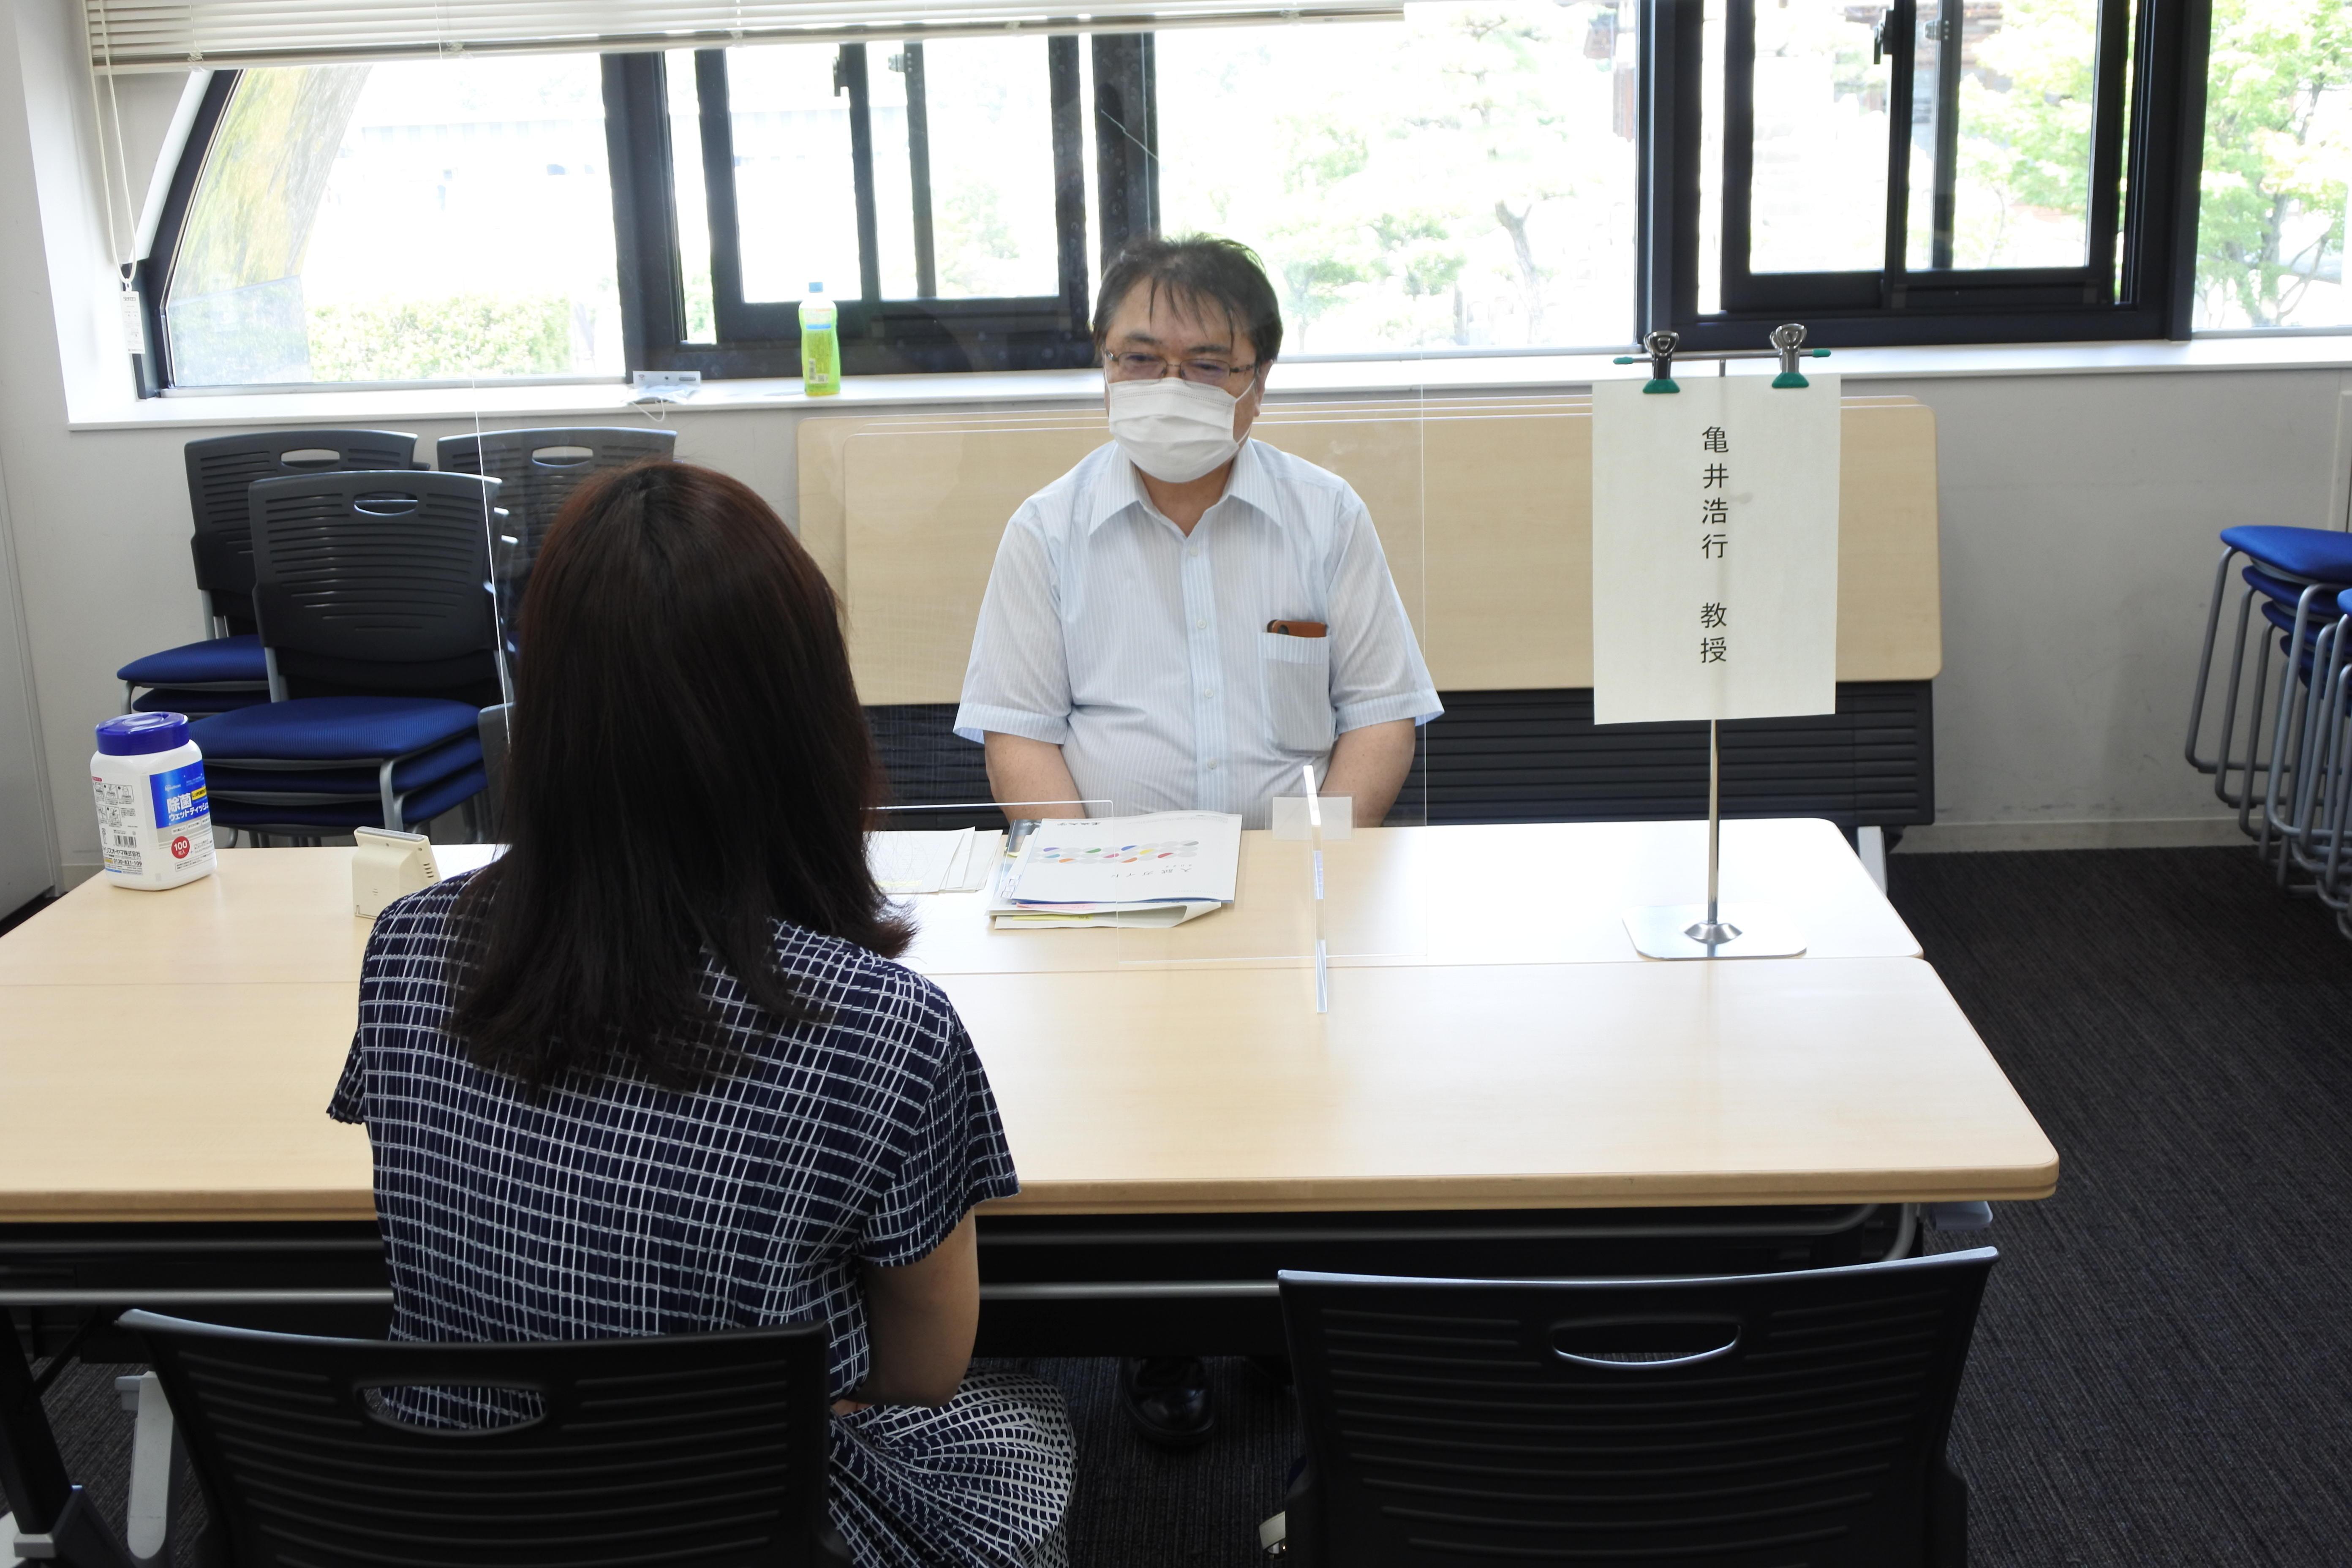 保護者対象の個別相談に応じる薬学部の亀井浩行教授